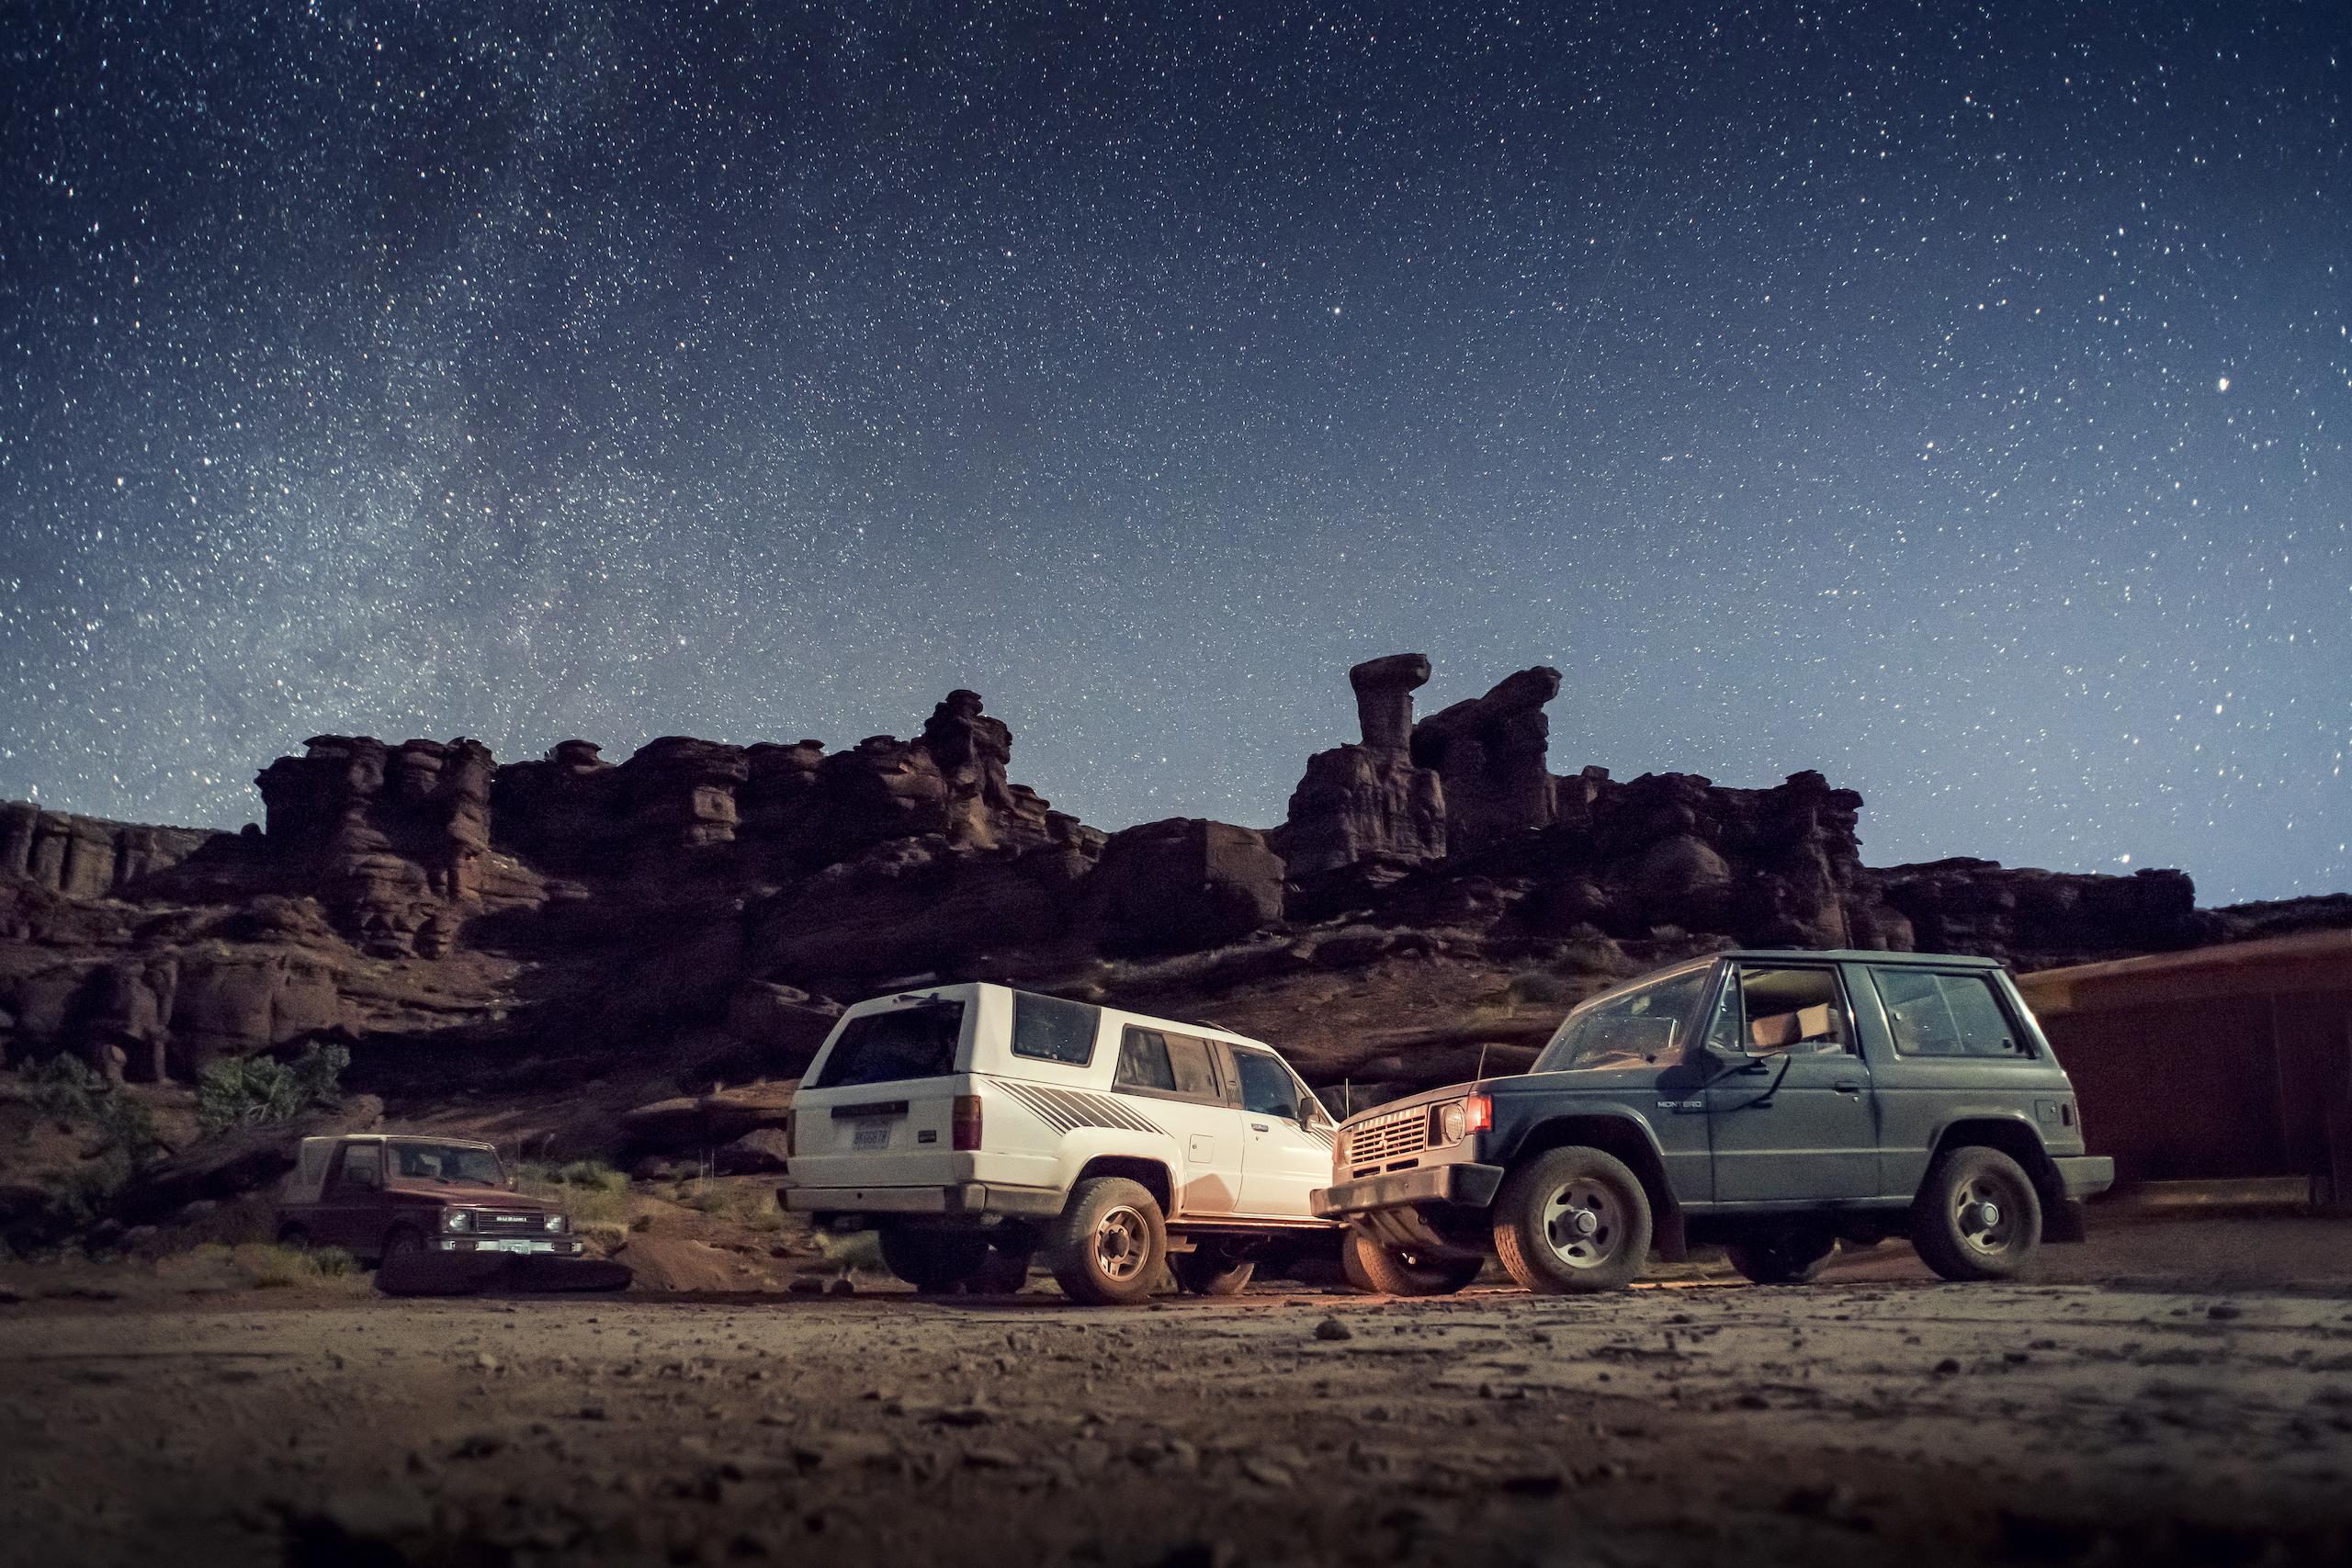 Mitsubishi Montero Suzuki Samurai Toyota 4Runner Canyonlands Moab Utah under stars